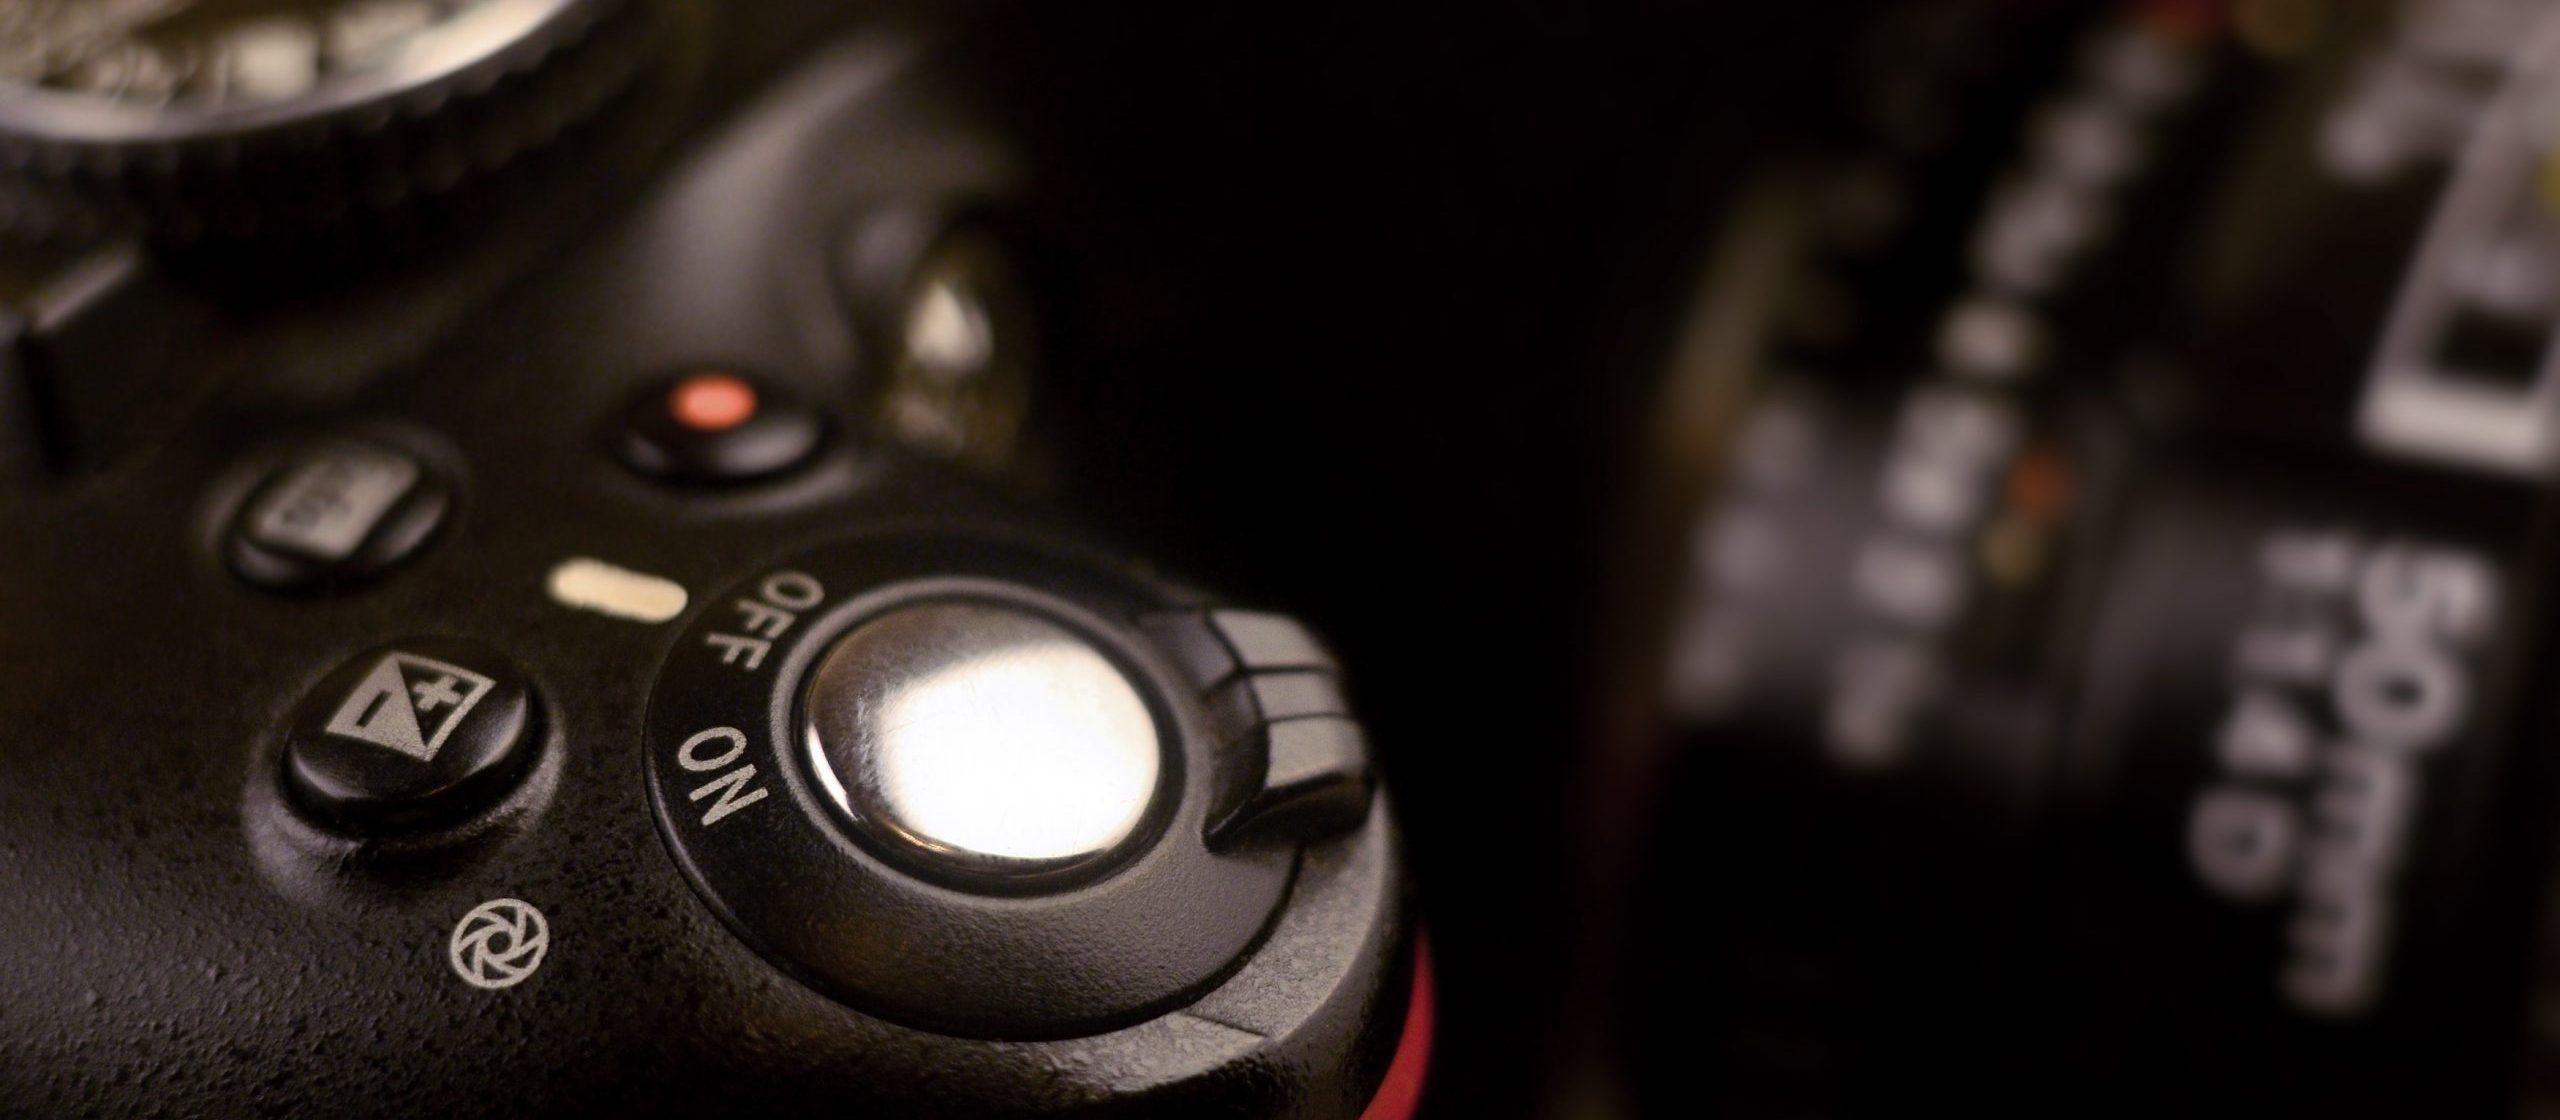 Εικόνα φωτογραφική μηχανή